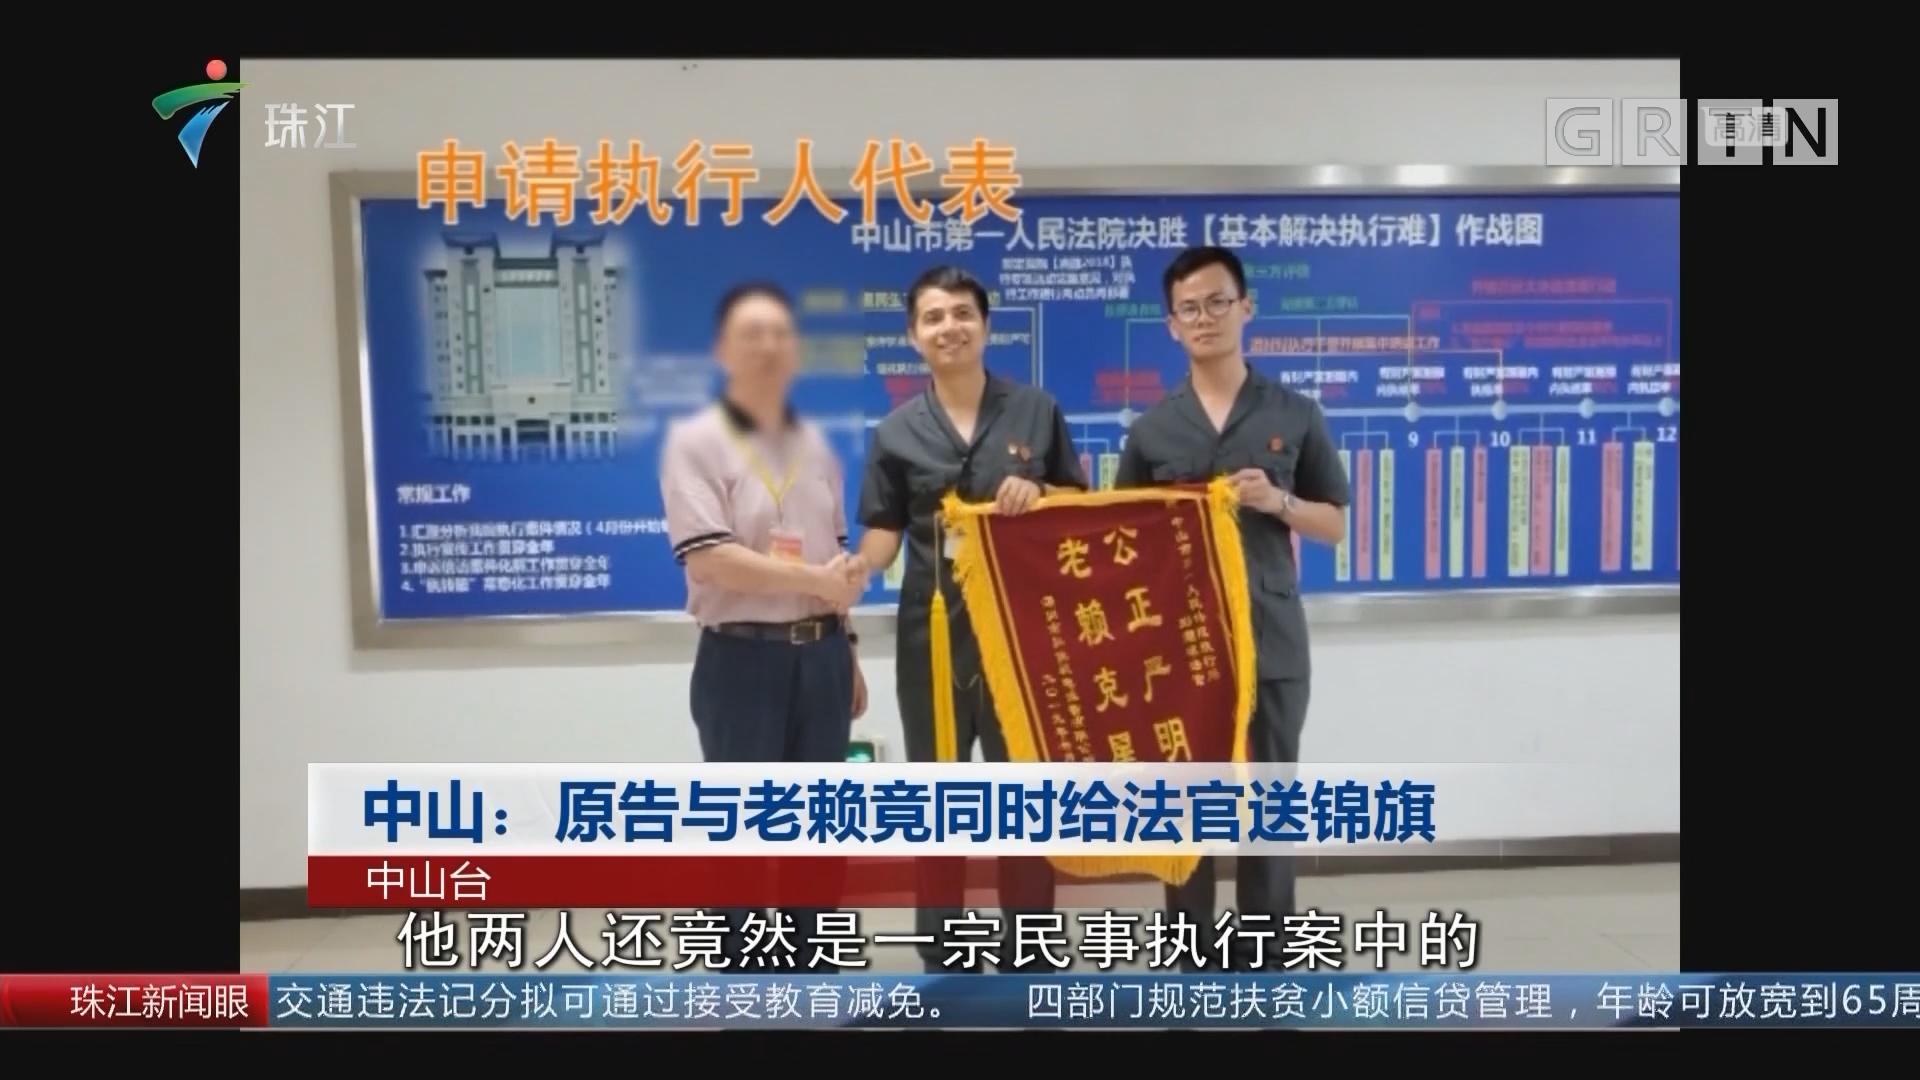 中山:原告与老赖竟同时给法官送锦旗